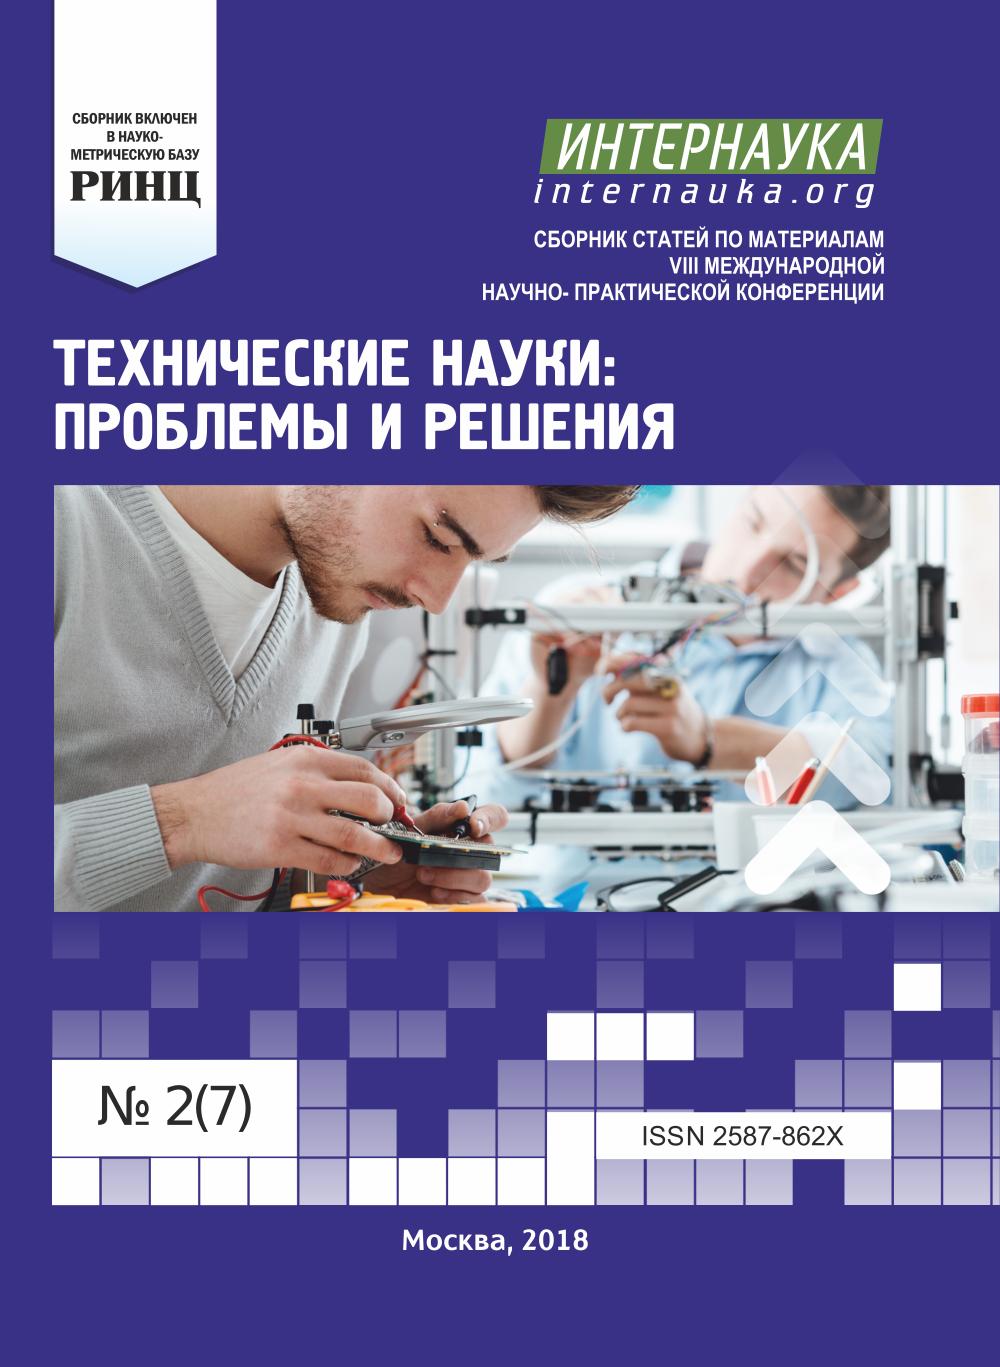 Международные конференции РИНЦ по техническим наукам в году  Контрольные сроки